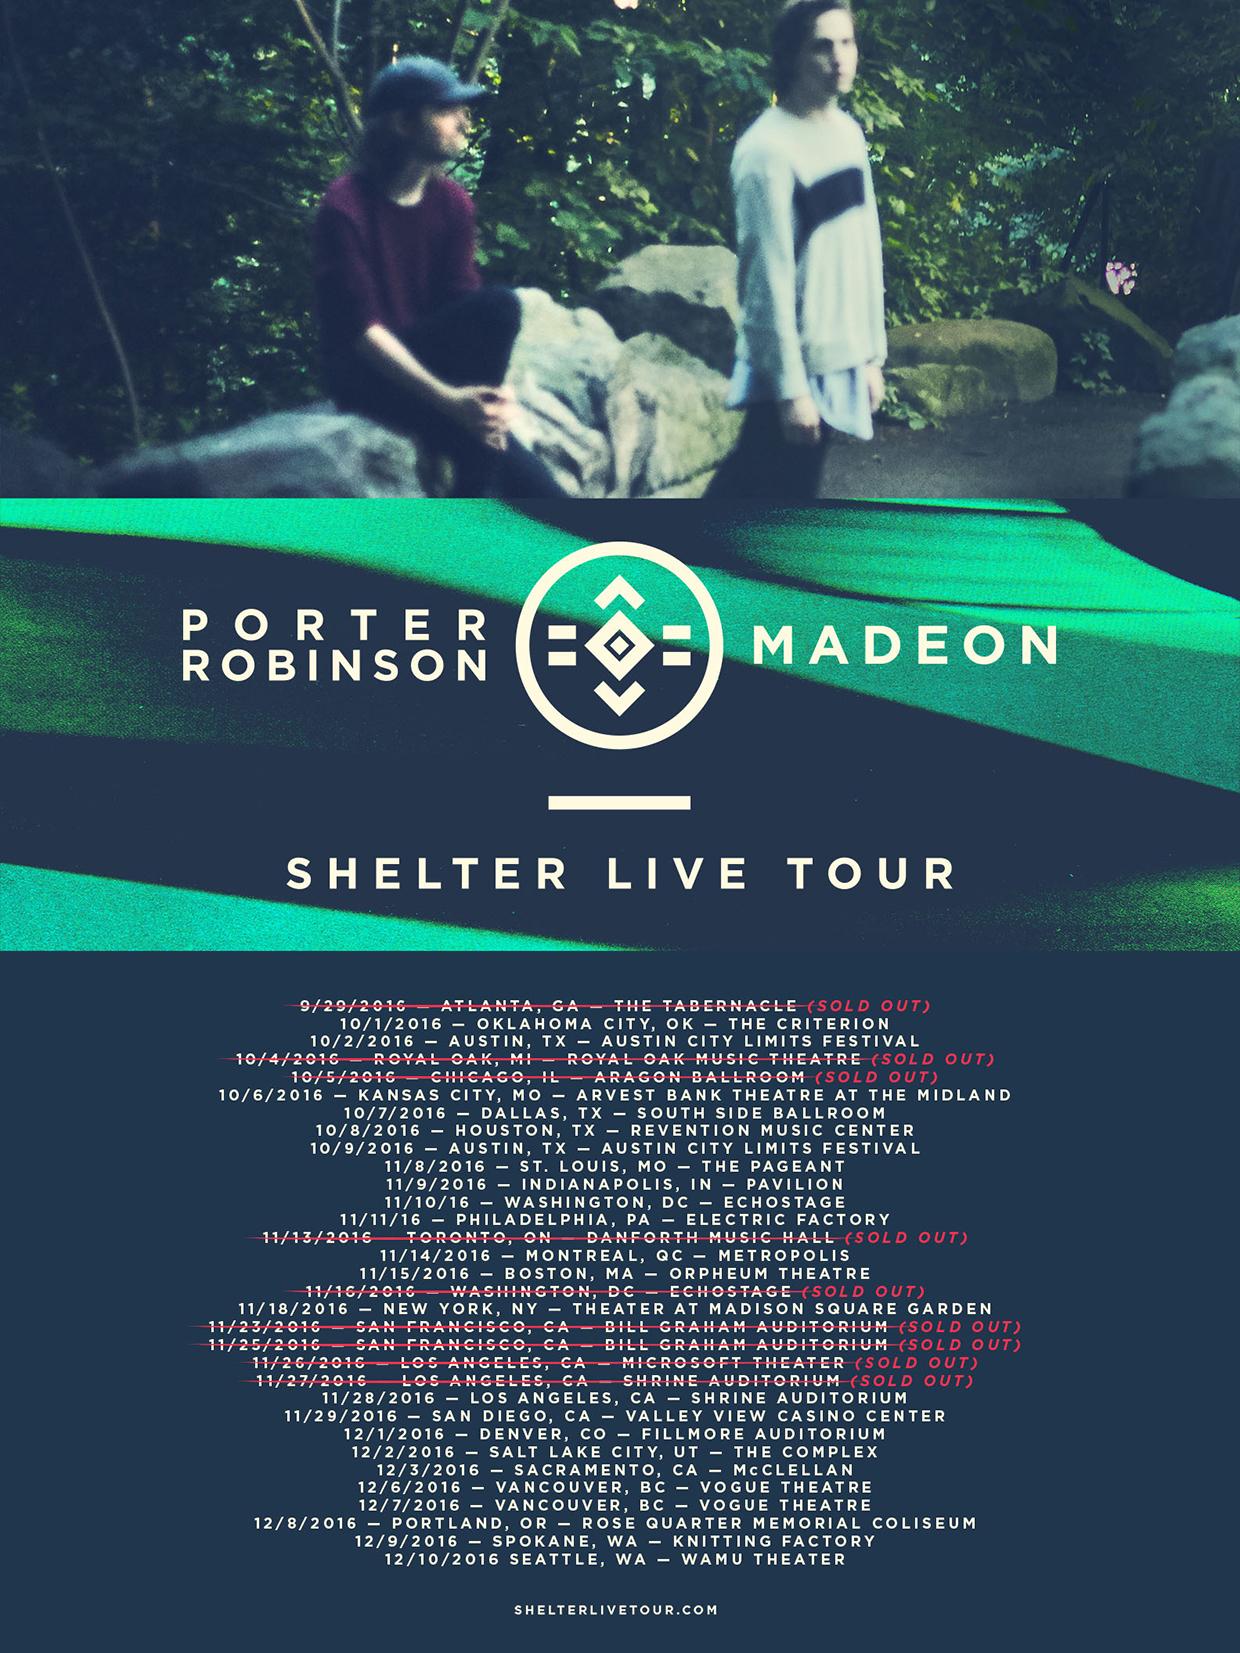 prm-shelter-tour-flyer-2016-billboard-1240